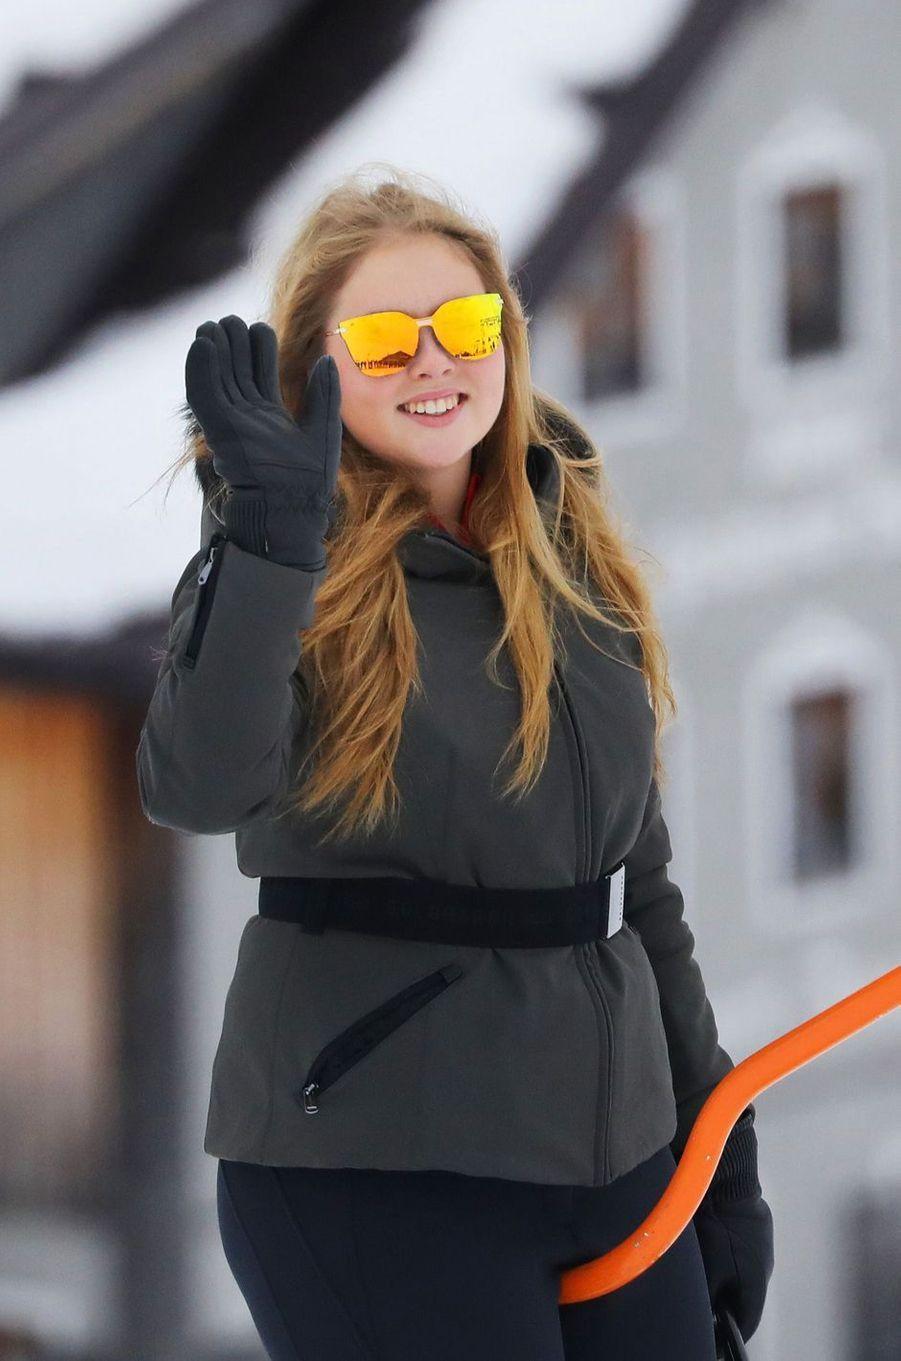 La princesse Catharina-Amalia des Pays-Bas en vacances à Lech en Autriche, le 25 février 2019